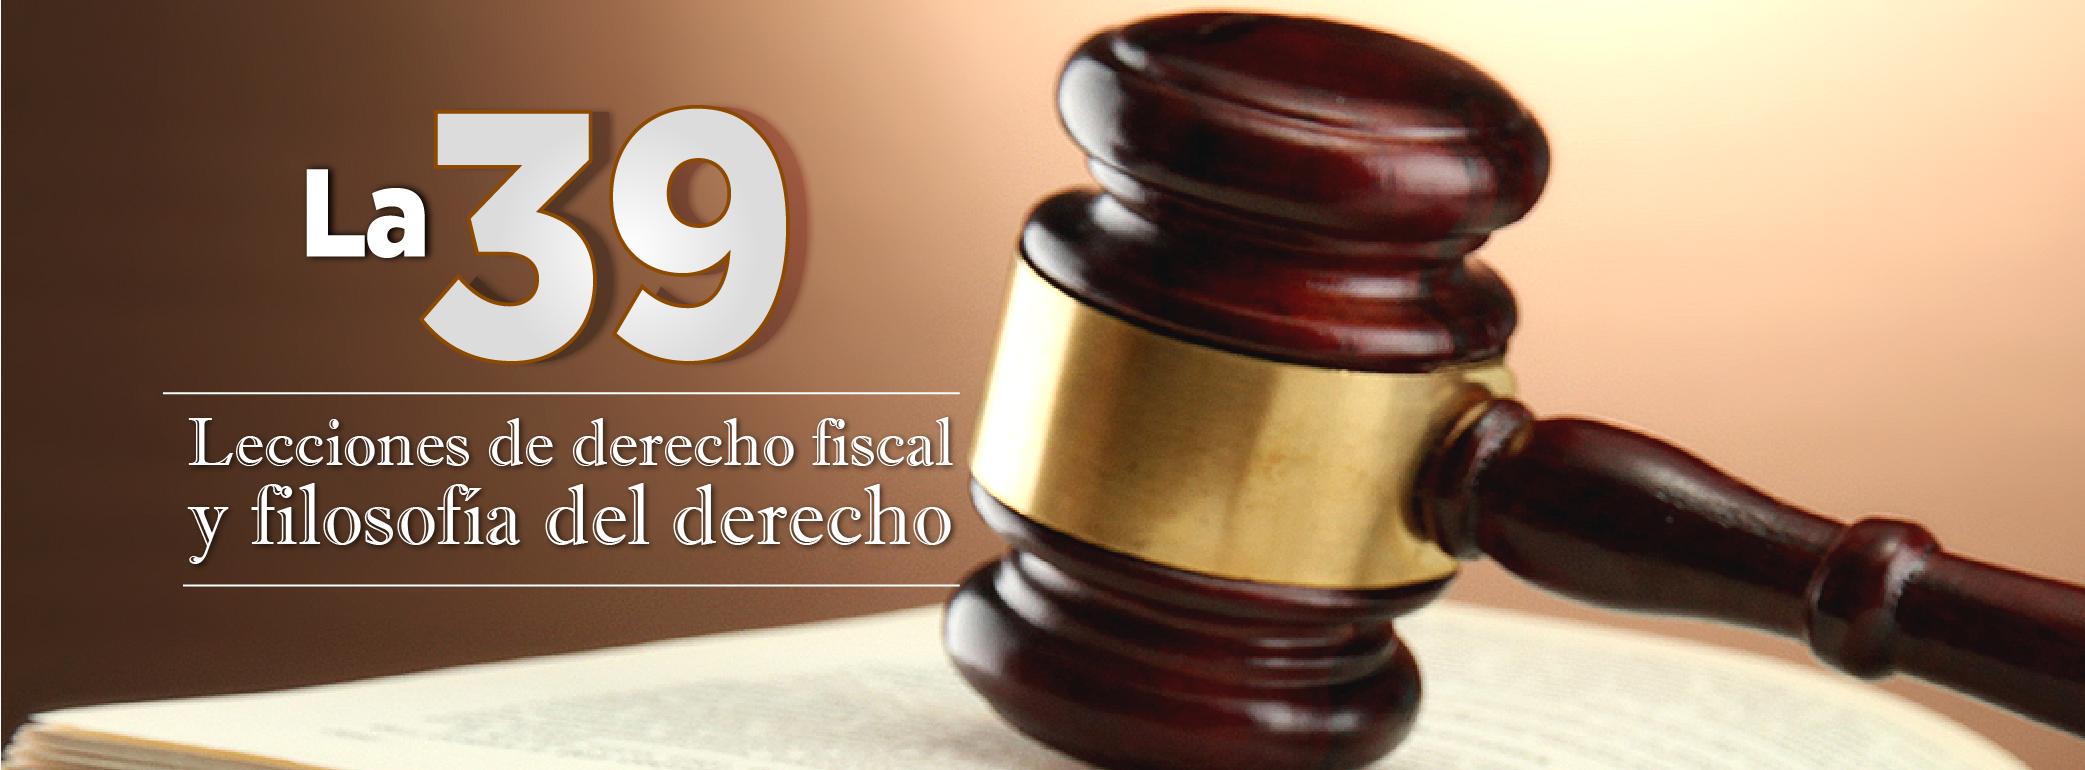 La 39 - Lecciones de derecho fiscal y filosofía del derecho